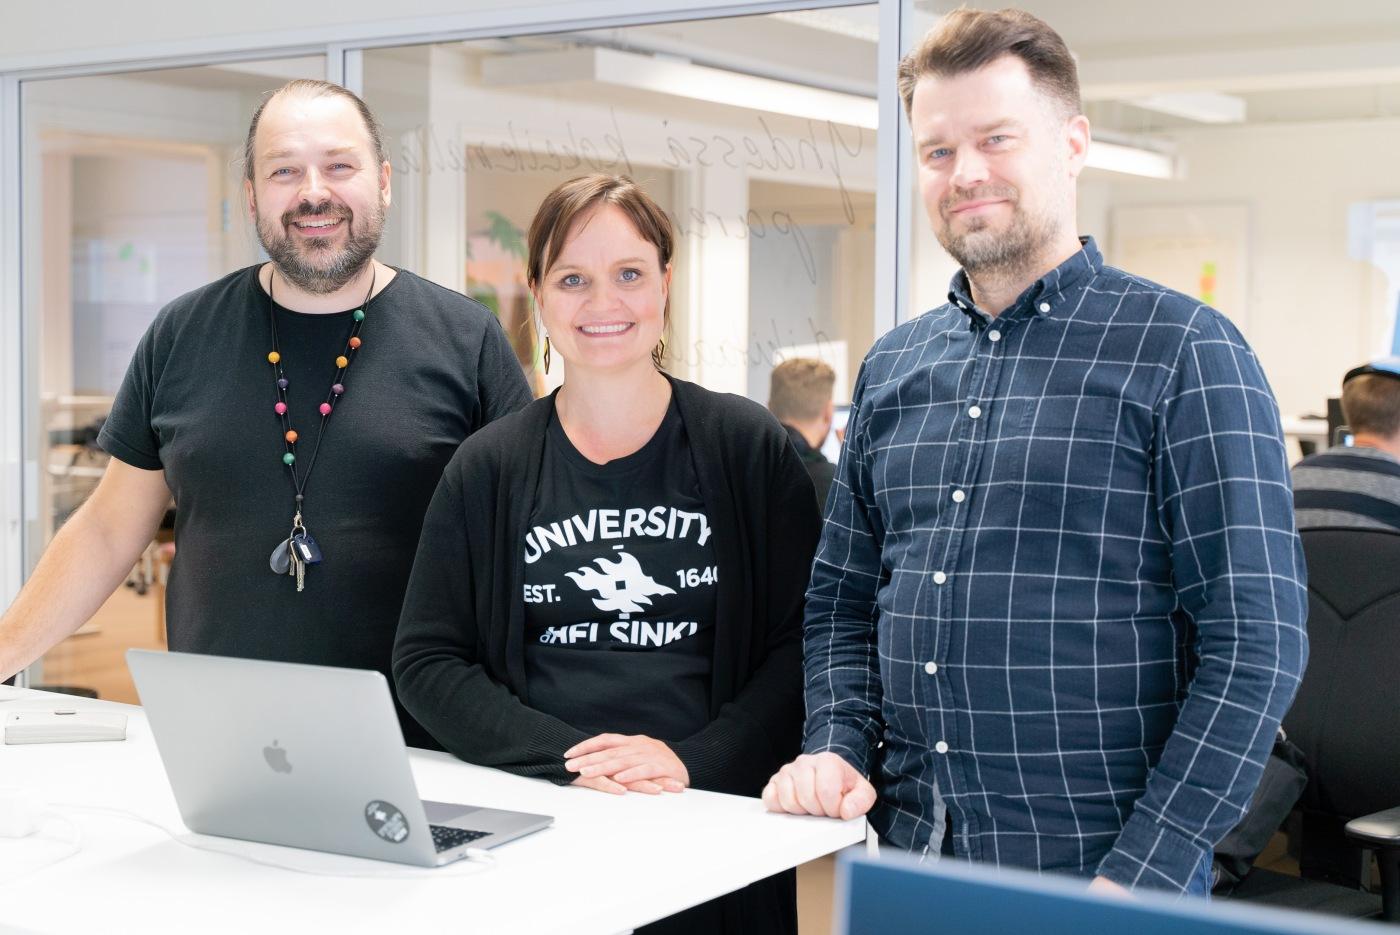 Kuvassa Mikko Hassinen, Pauliina Pajunen ja Juha Sjöblom